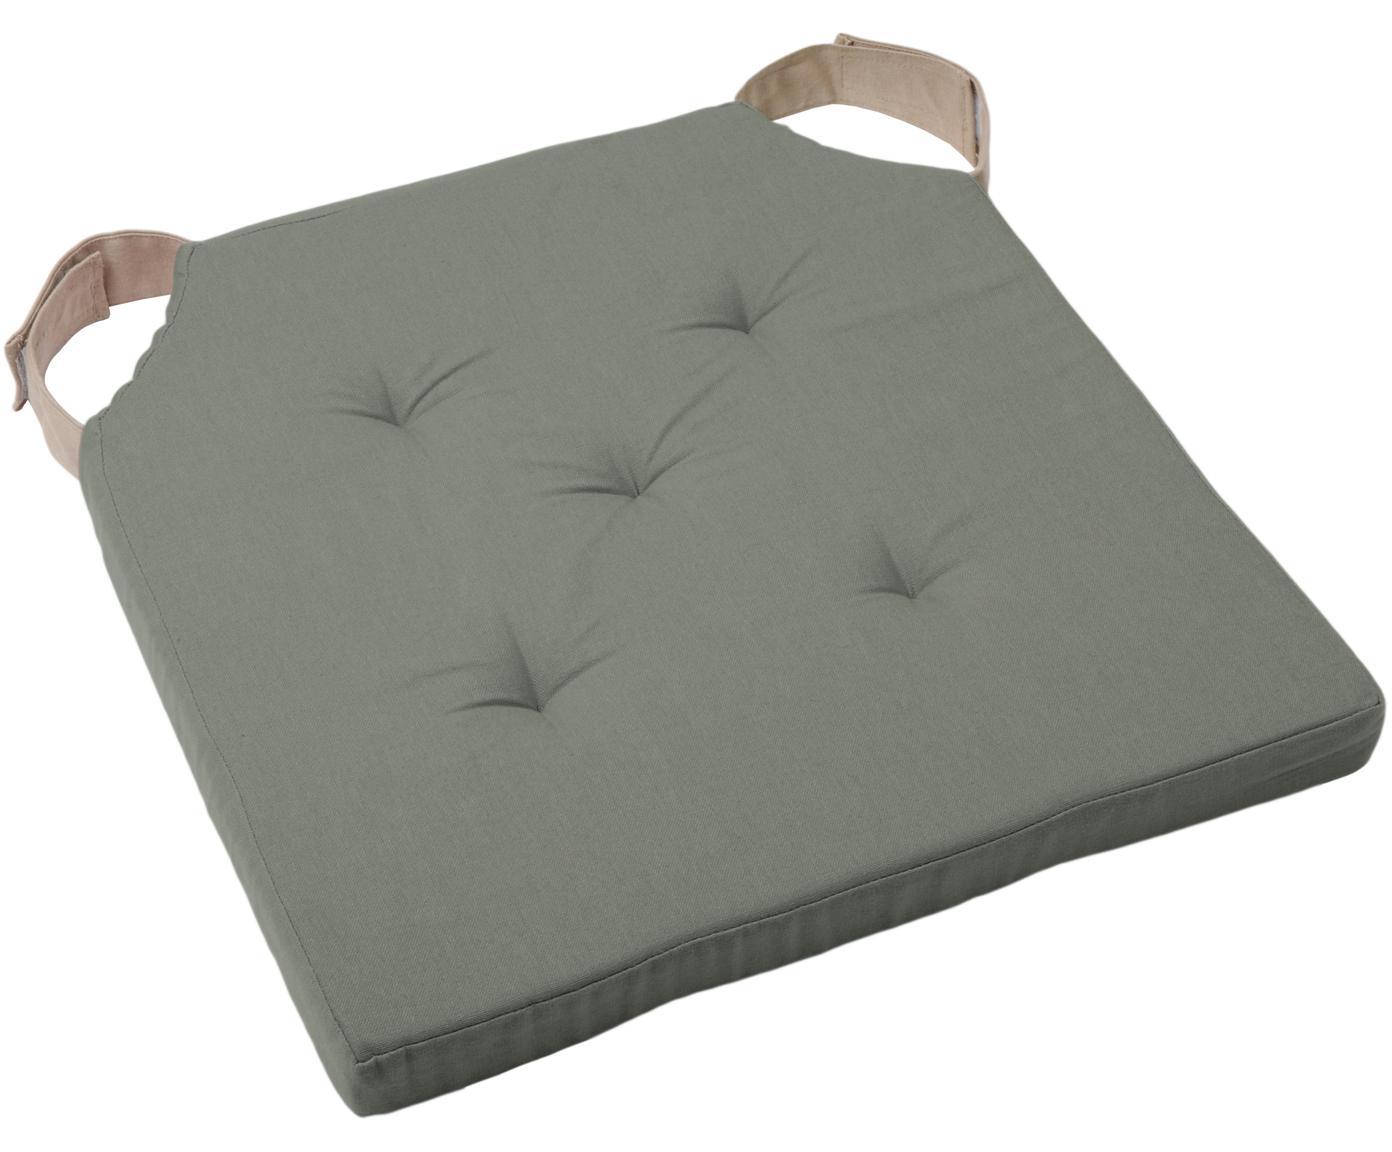 Sitzkissen Duo in Khaki, Bezug: 100% Baumwolle, Khaki, 40 x 40 cm